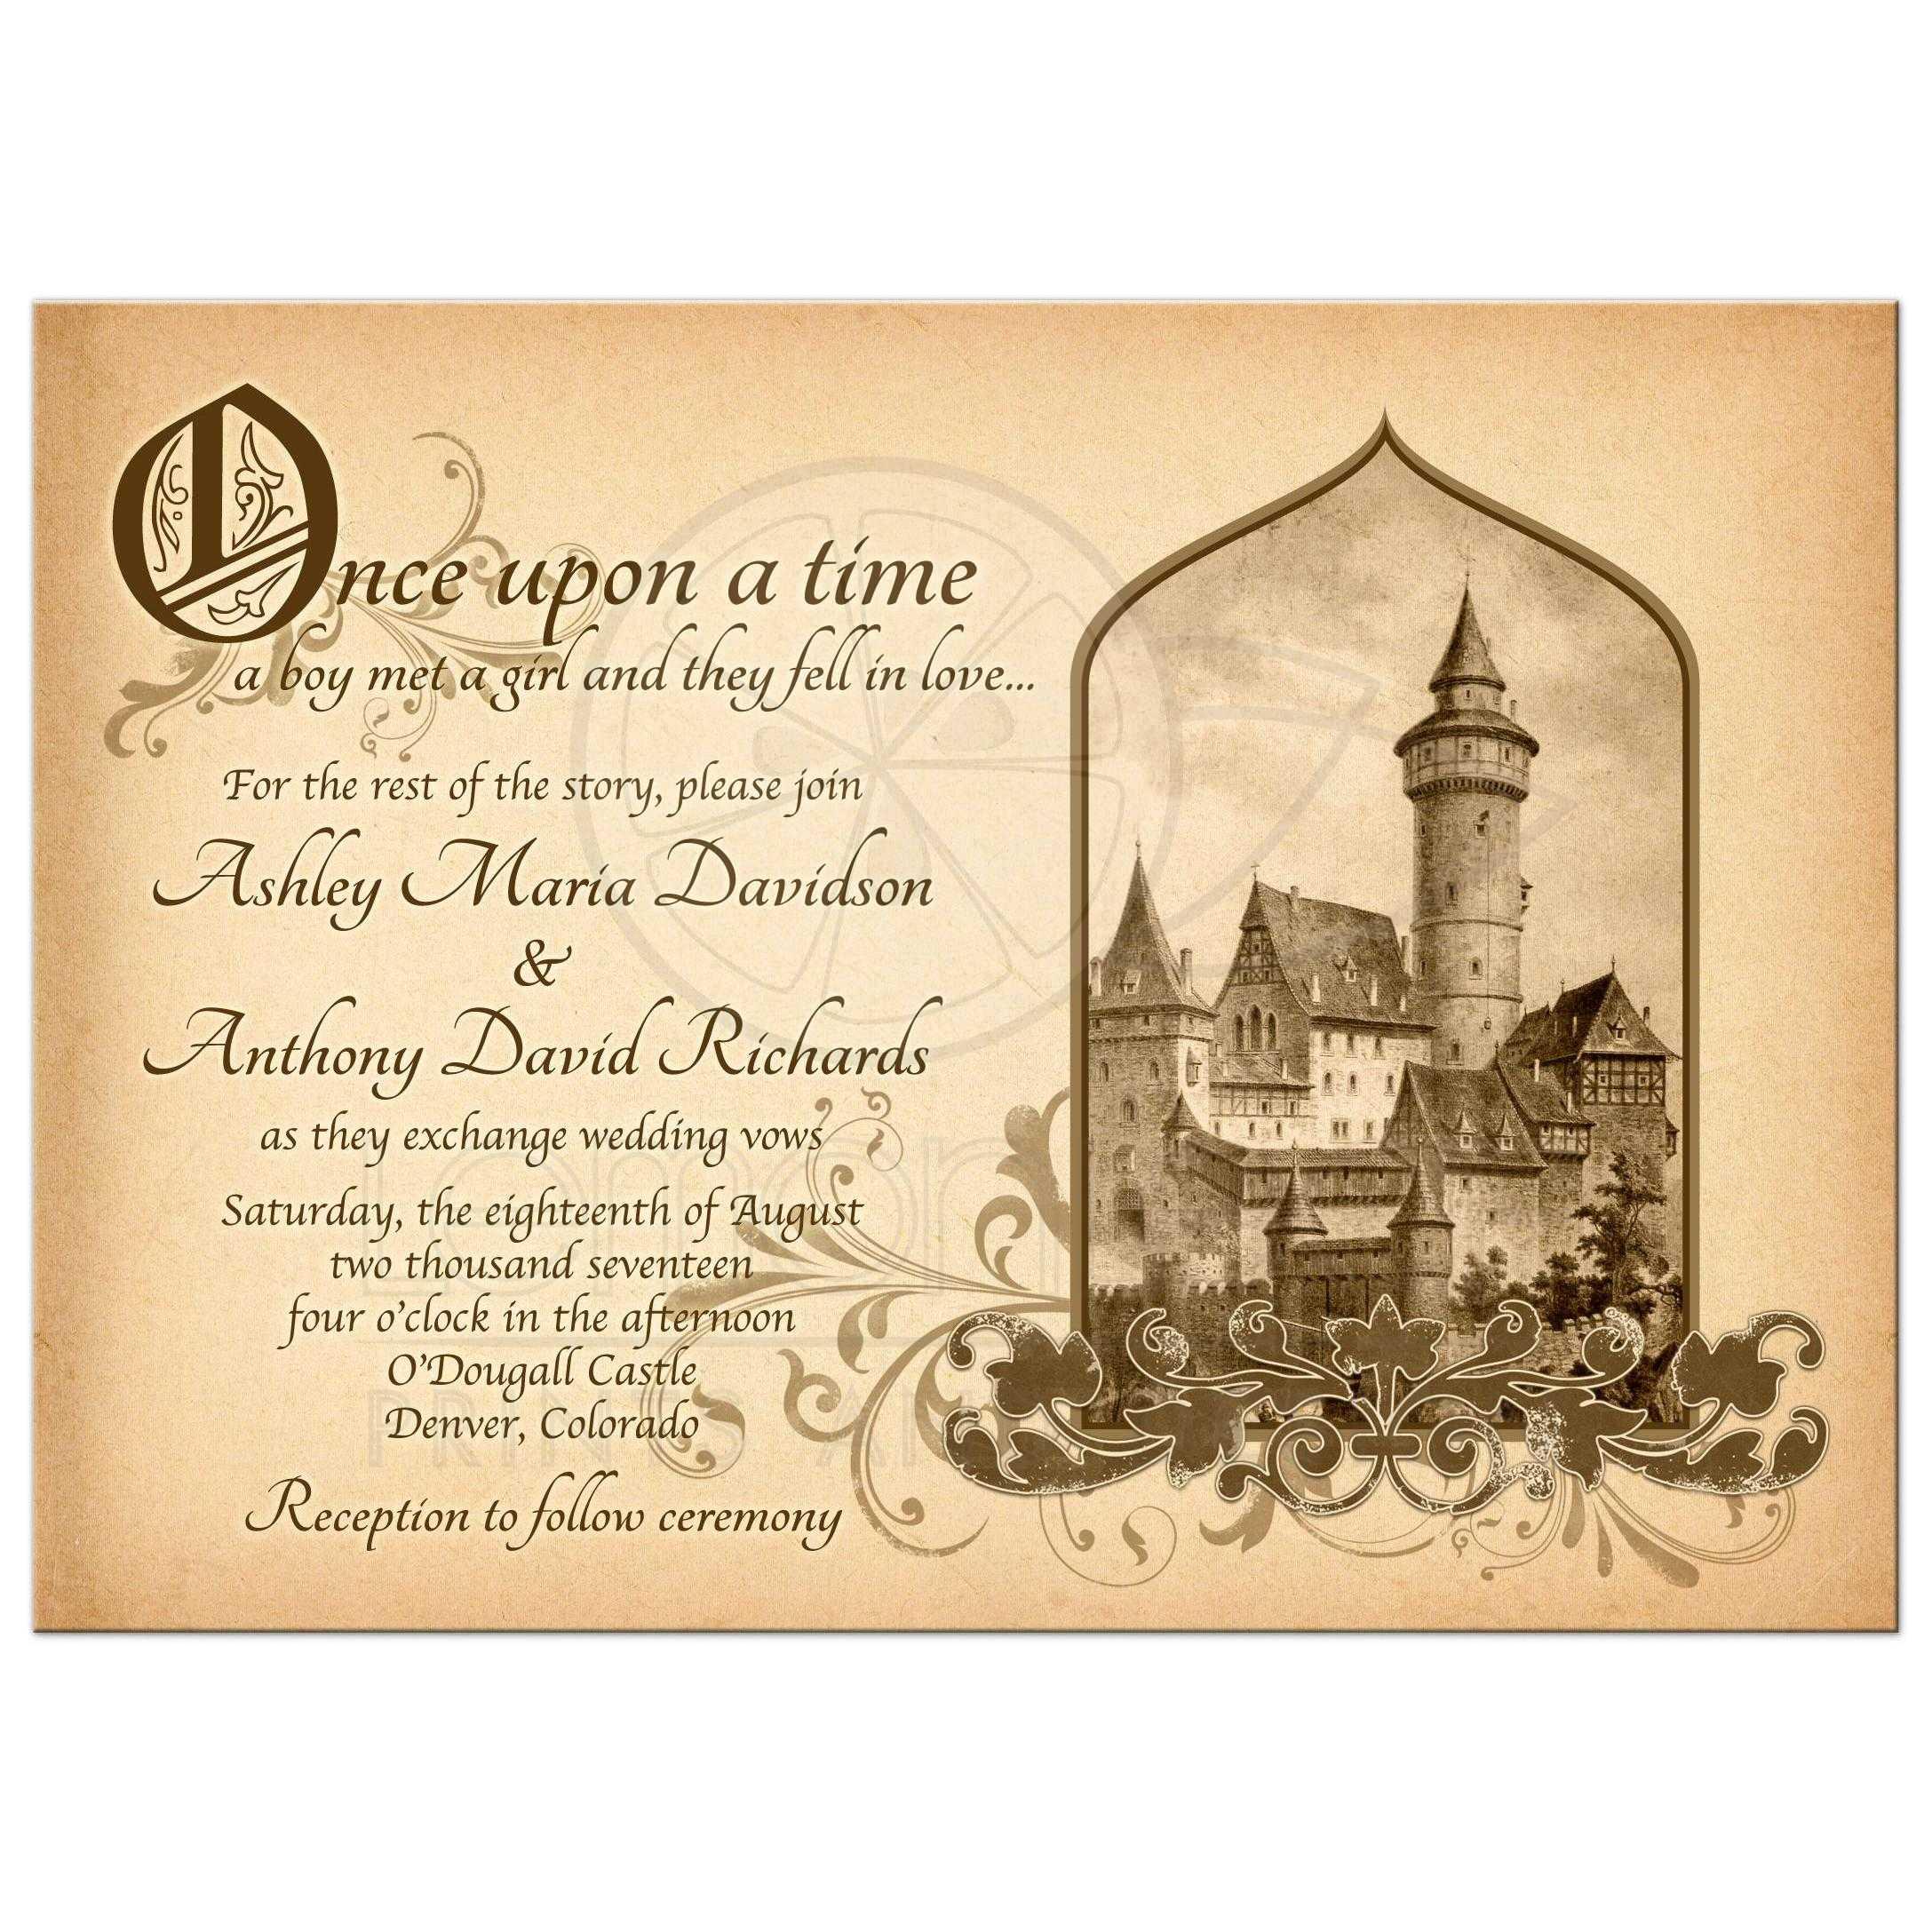 Fairytale Wedding Invitations Wedding Invitation Sample